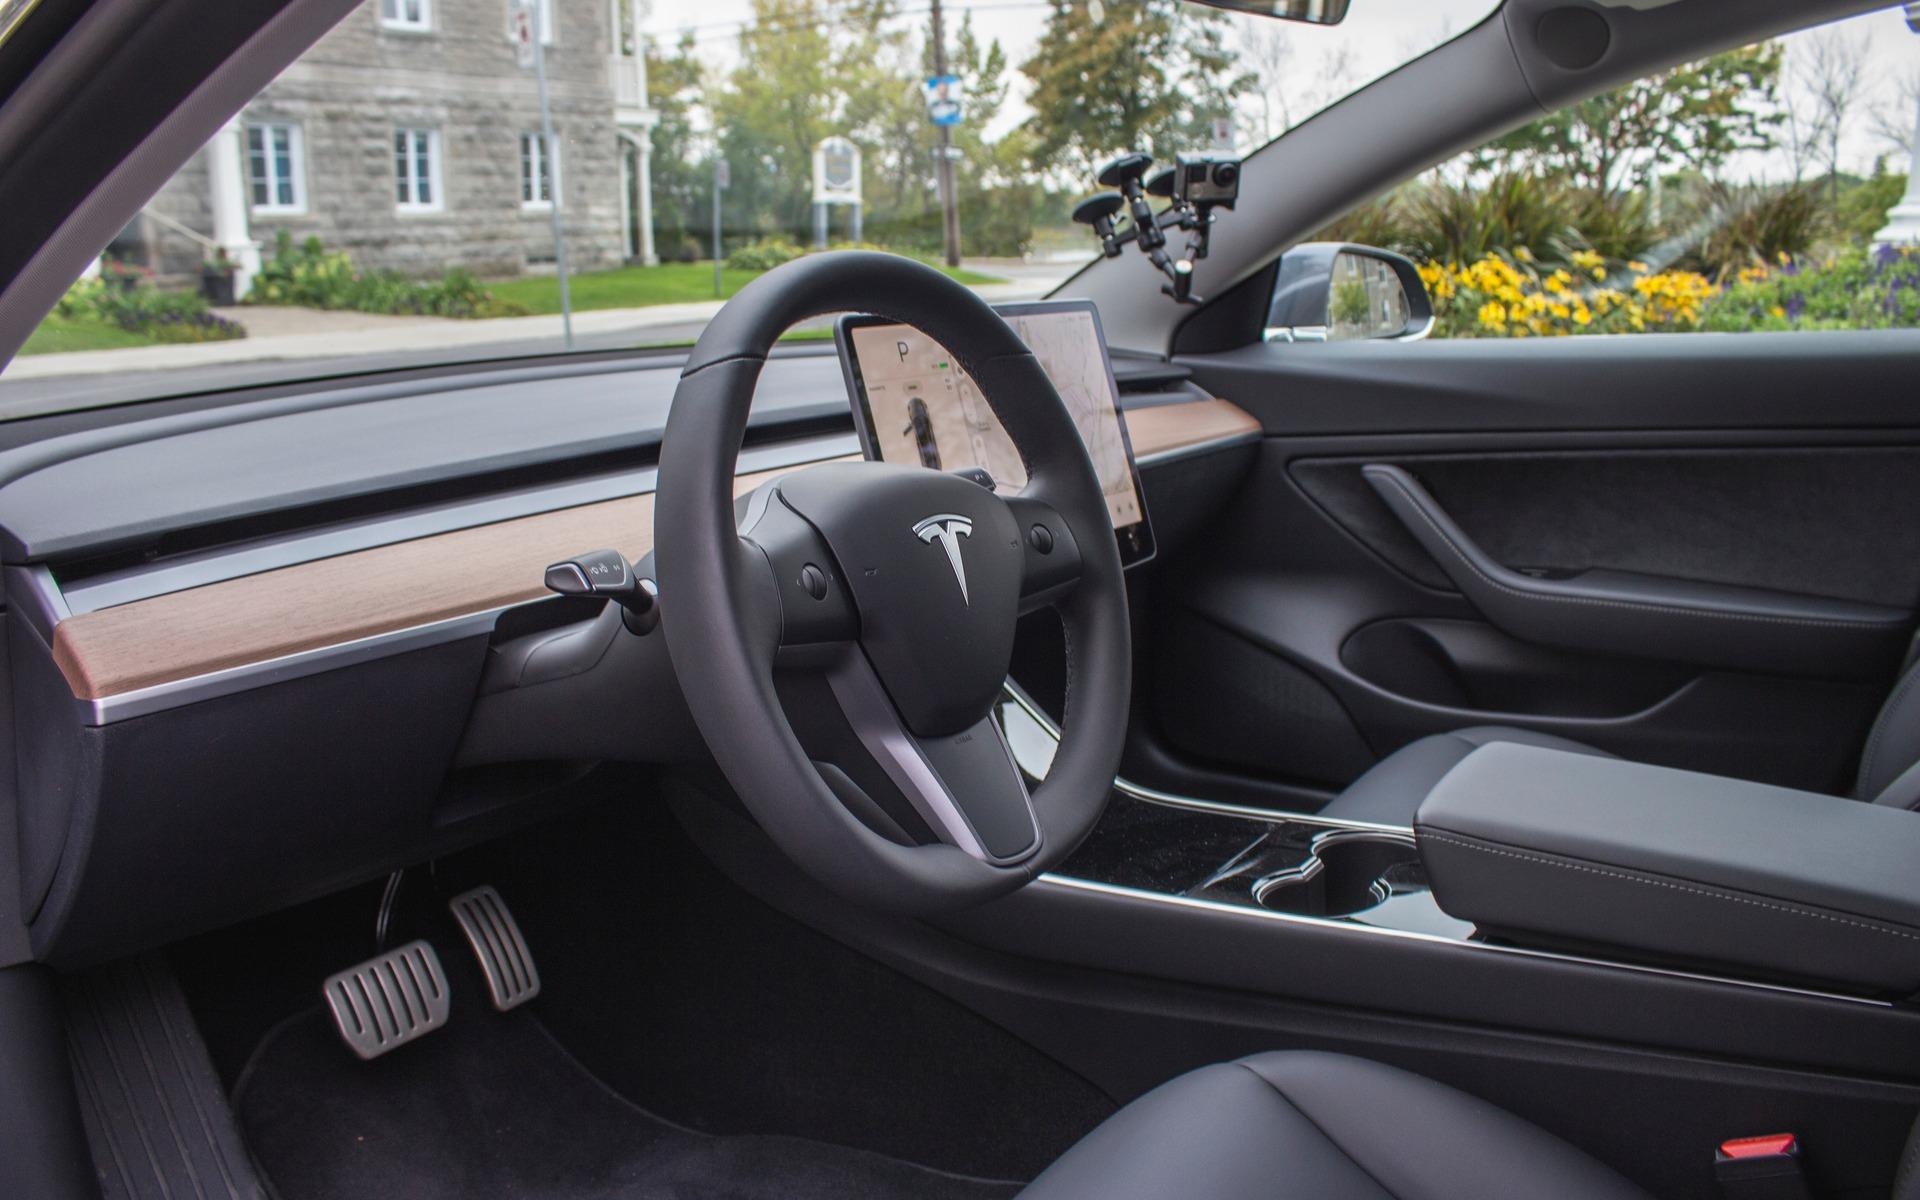 Tesla Model 3 Performance 2018 : doigt d'honneur vers une industrie entière 350884_2018_Tesla_Model_3